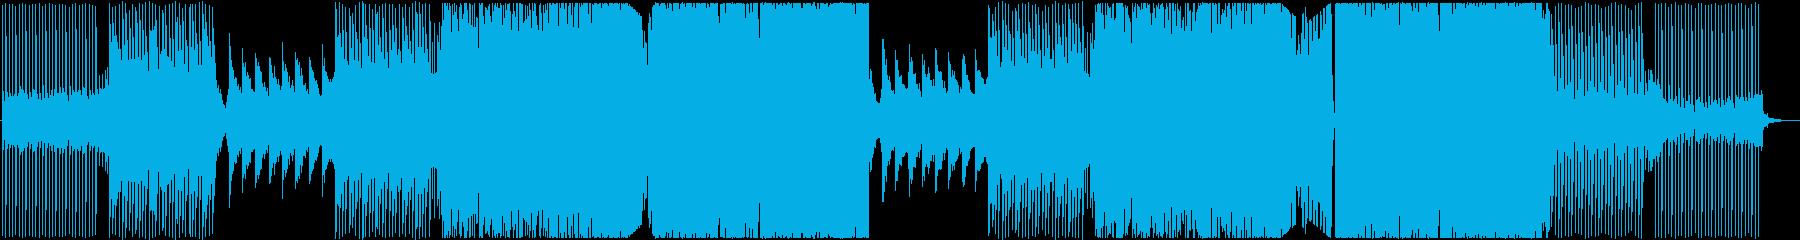 エモーショナルなEDMの再生済みの波形